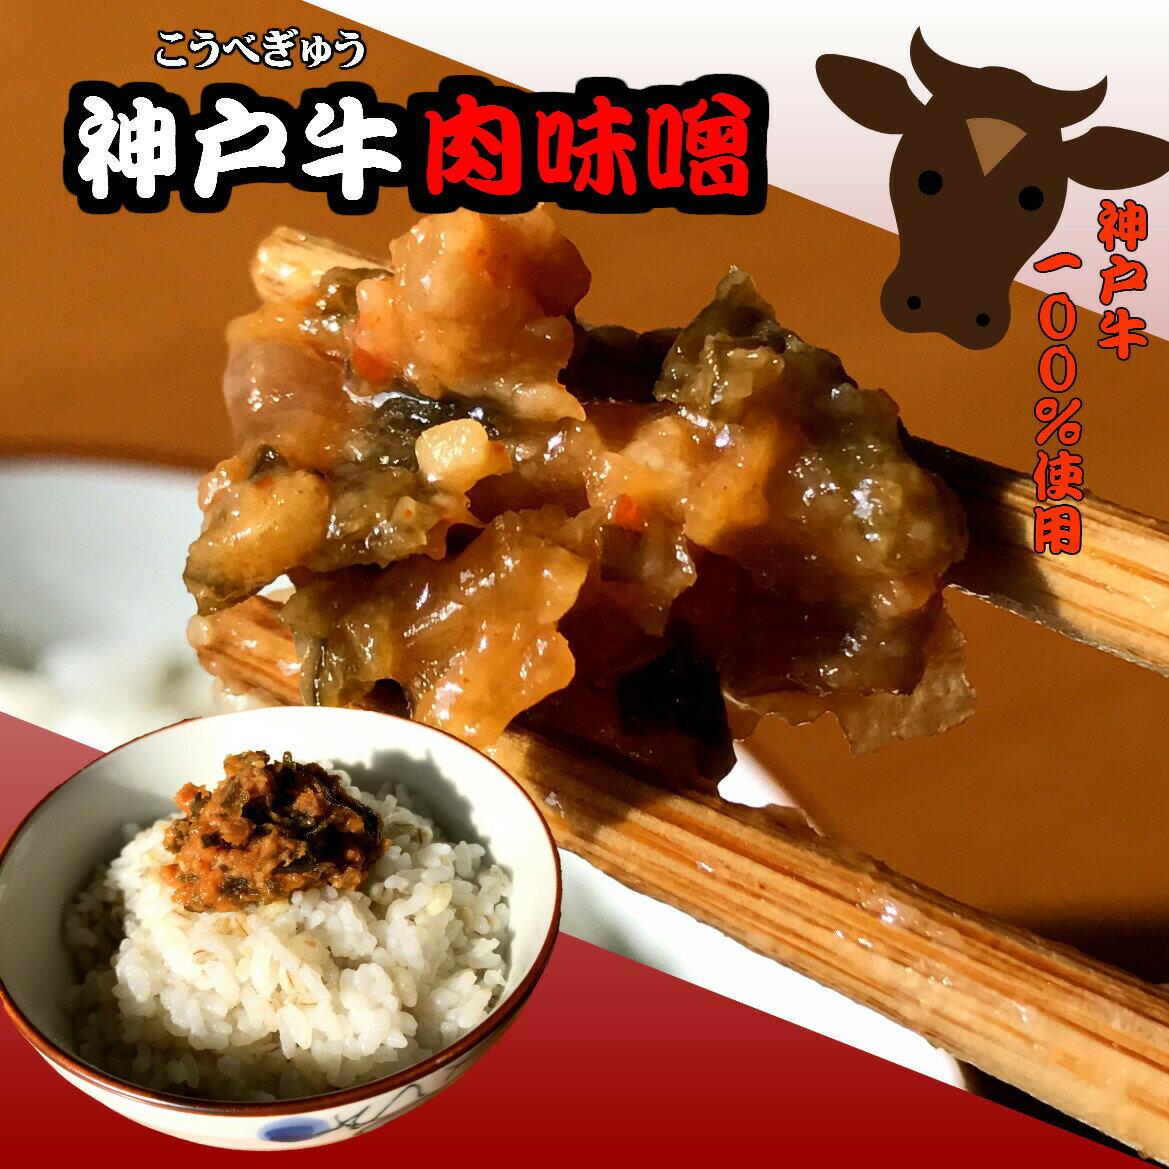 丹波おおみつや『神戸牛肉味噌』